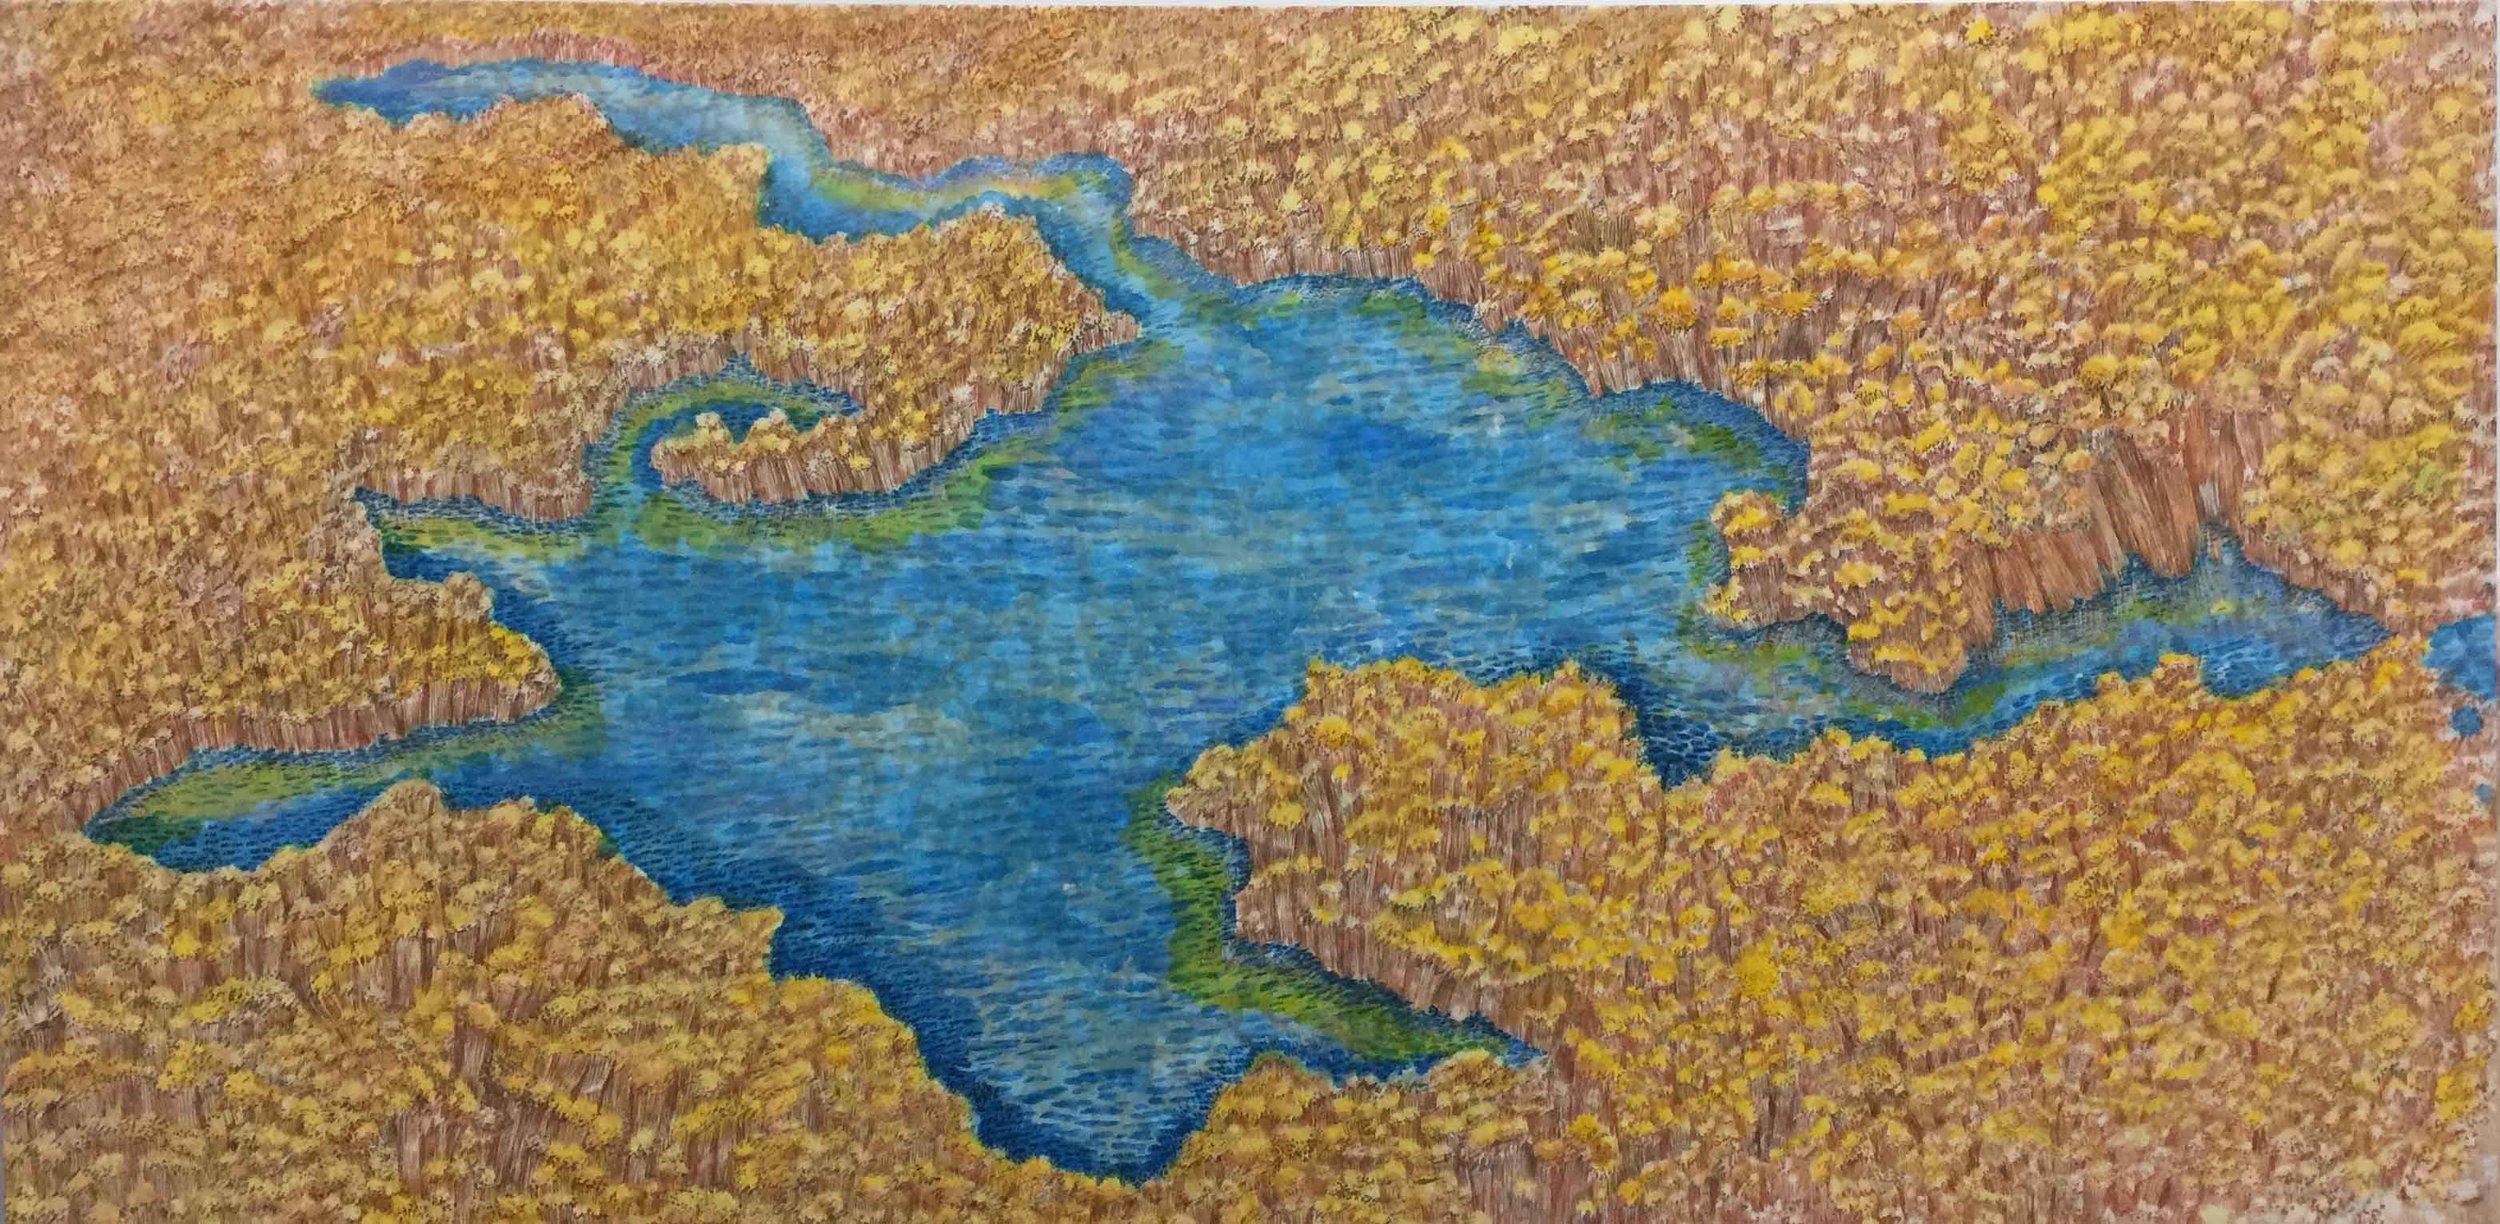 心之印象三:心湖 The Heart Impression III: The Lake of Heart